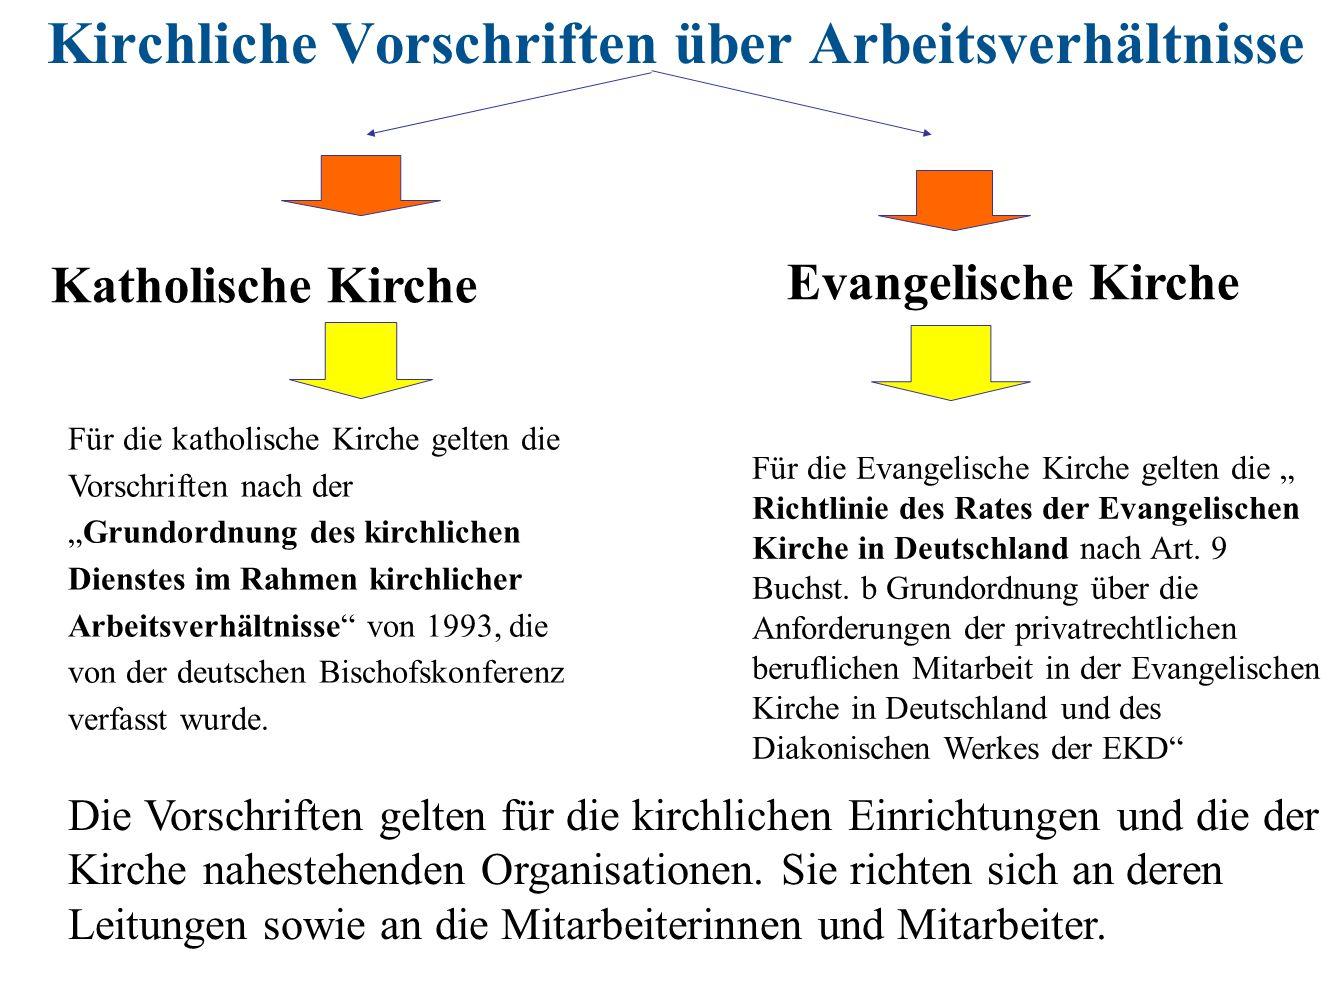 Kirchliche Vorschriften über Arbeitsverhältnisse